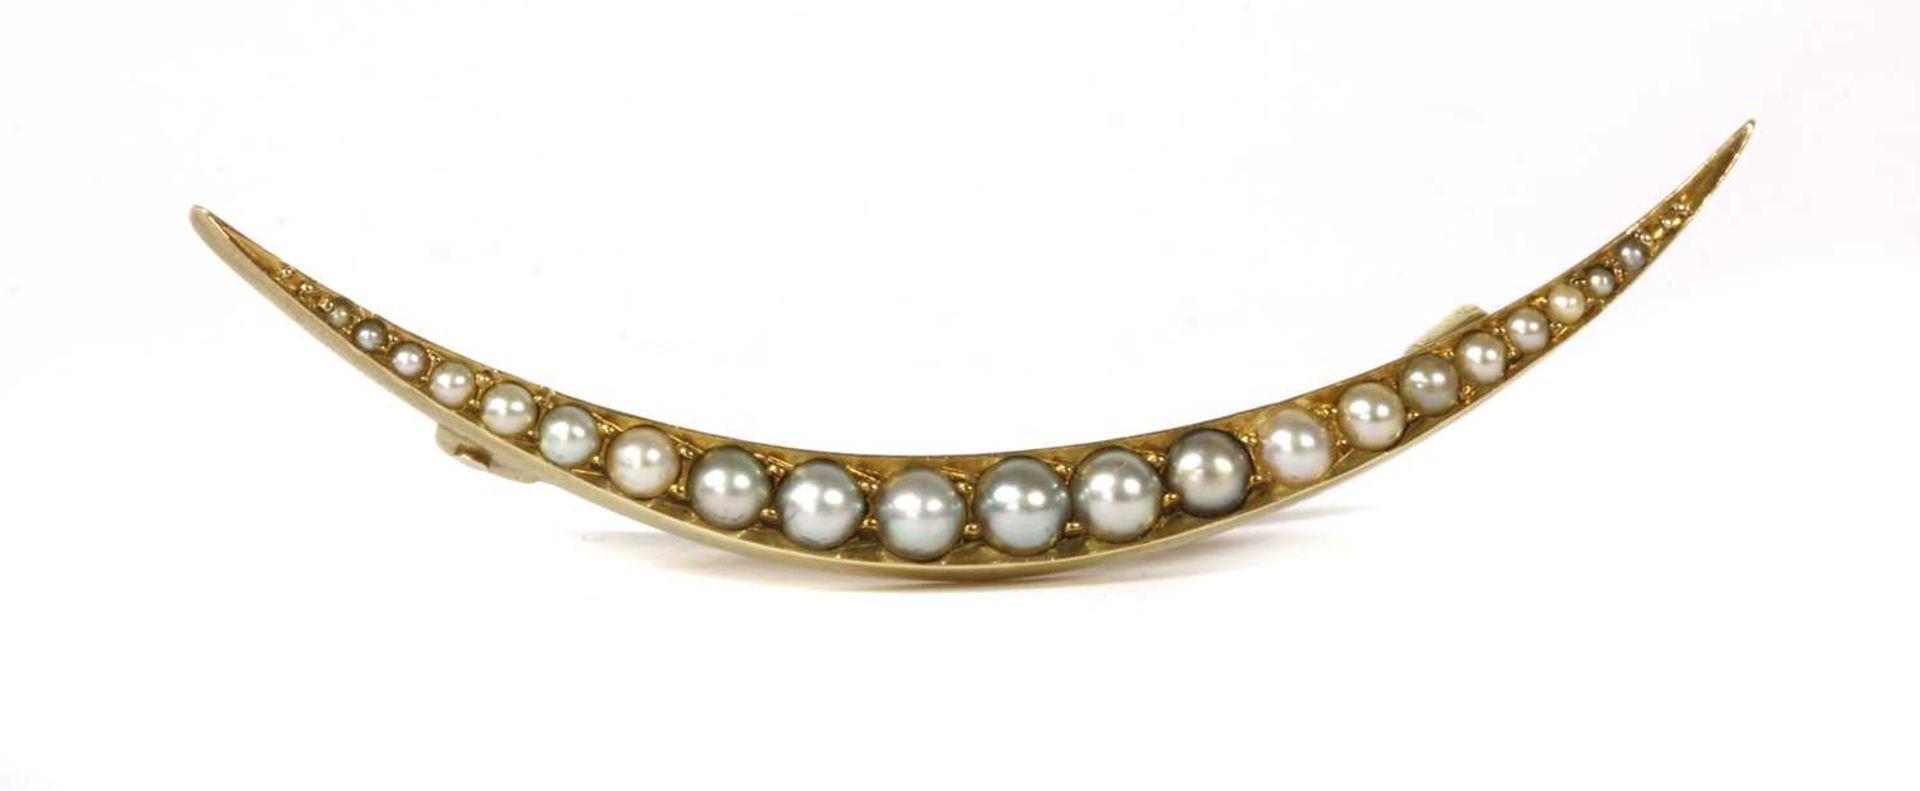 An Edwardian gold split pearl open crescent brooch,